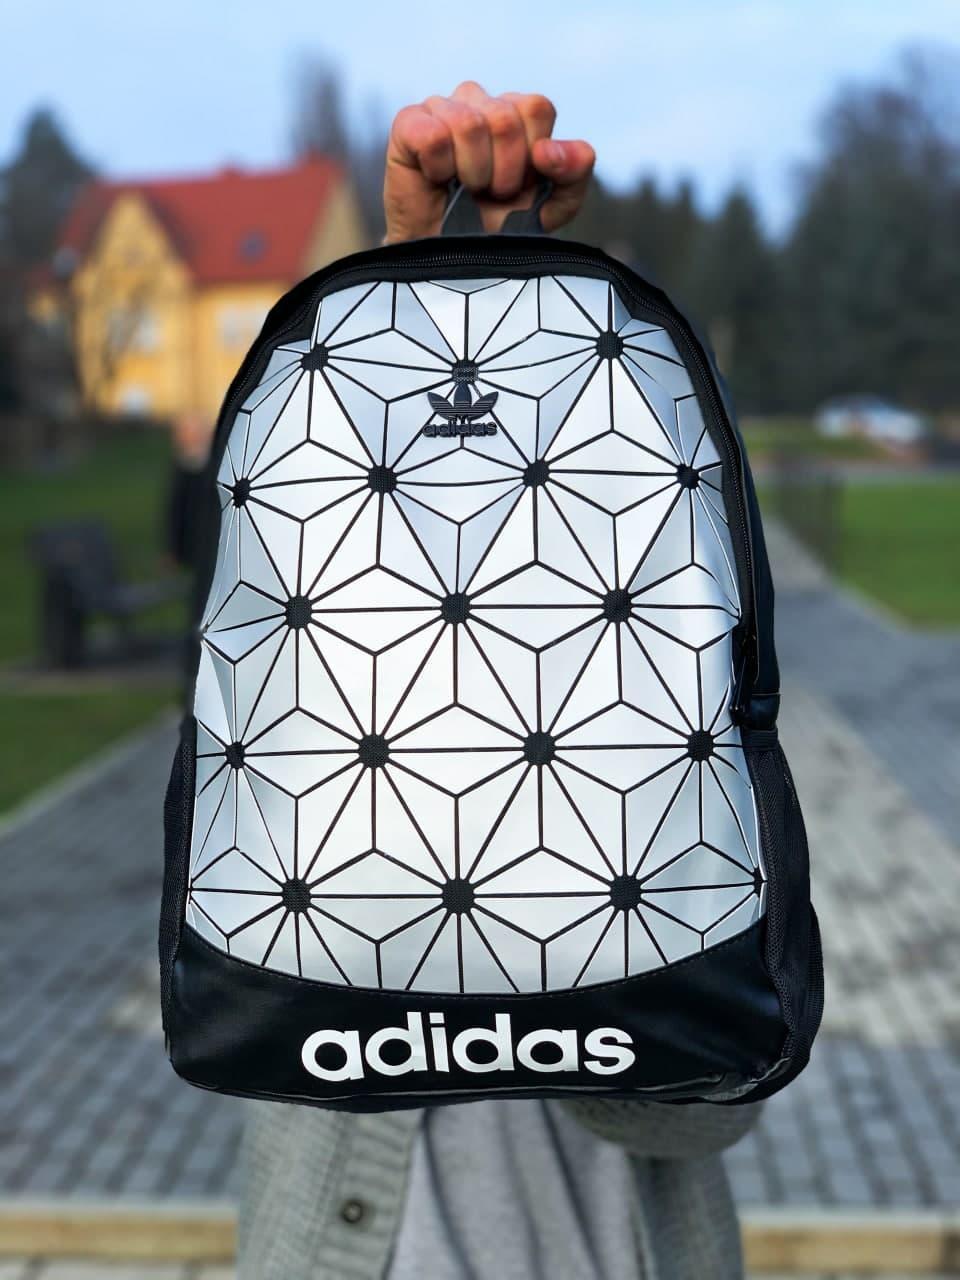 Рюкзак Adidas 3D белый Адидас стильный городской спортивный горный школьный новый